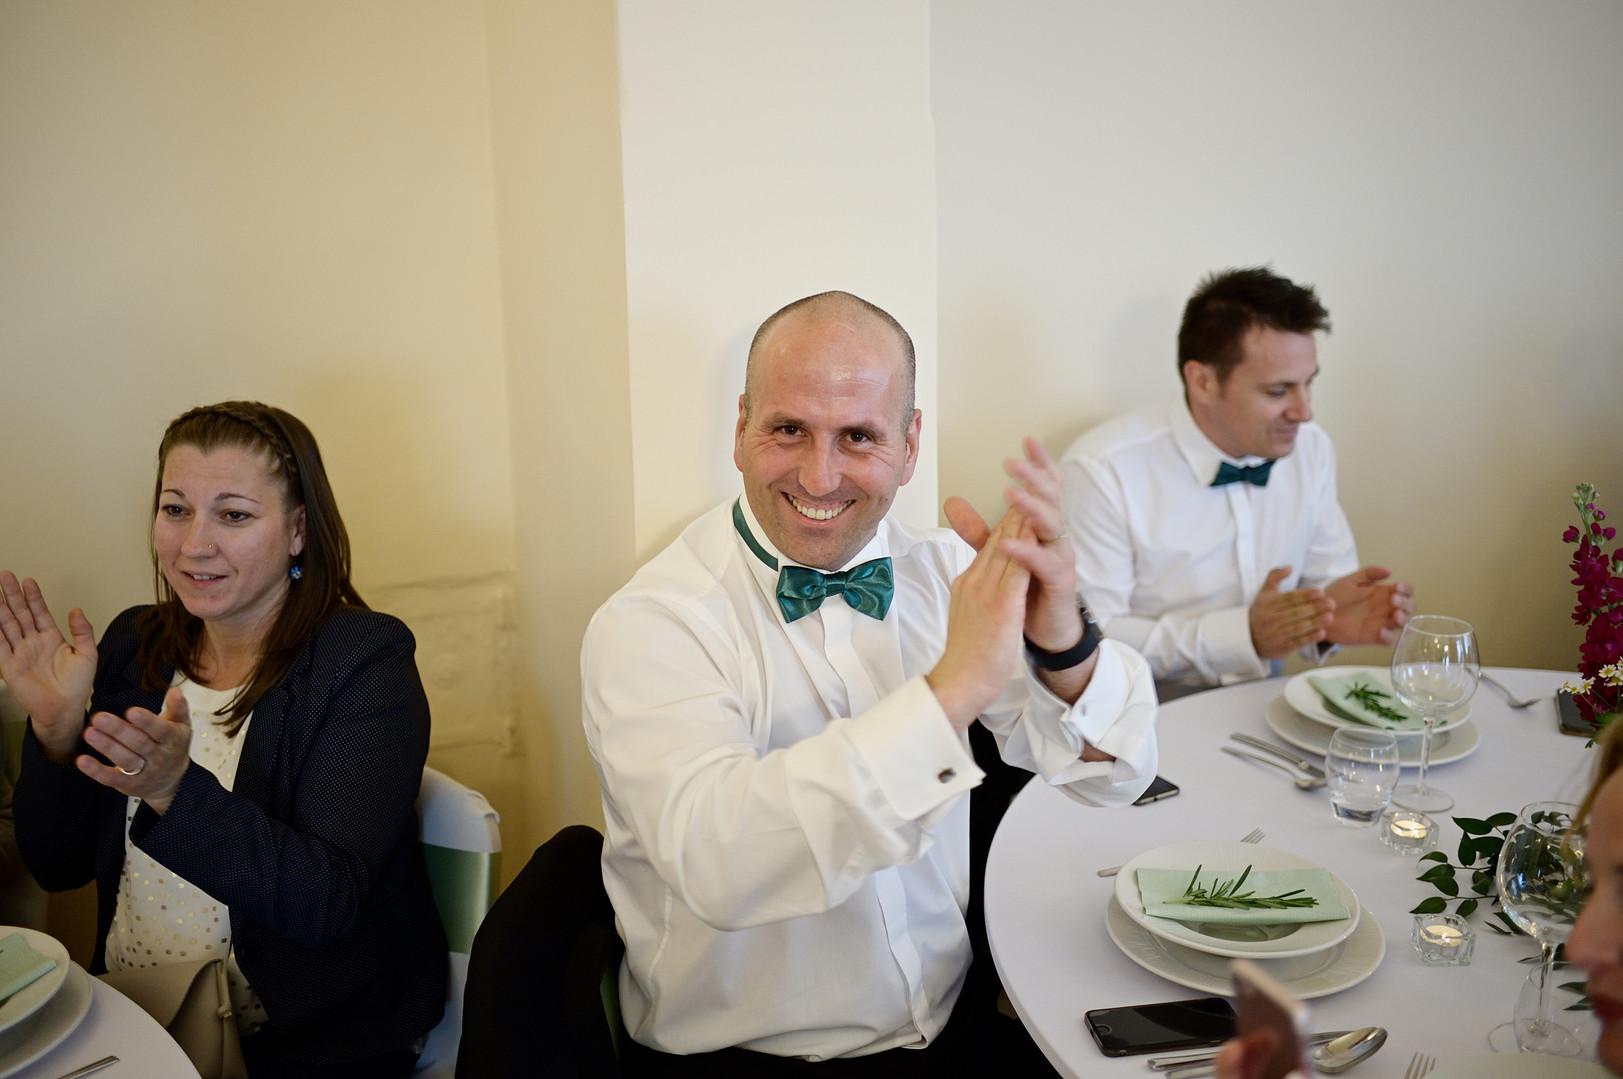 378  Esküvői fotózás - Enikő és Peti Bul